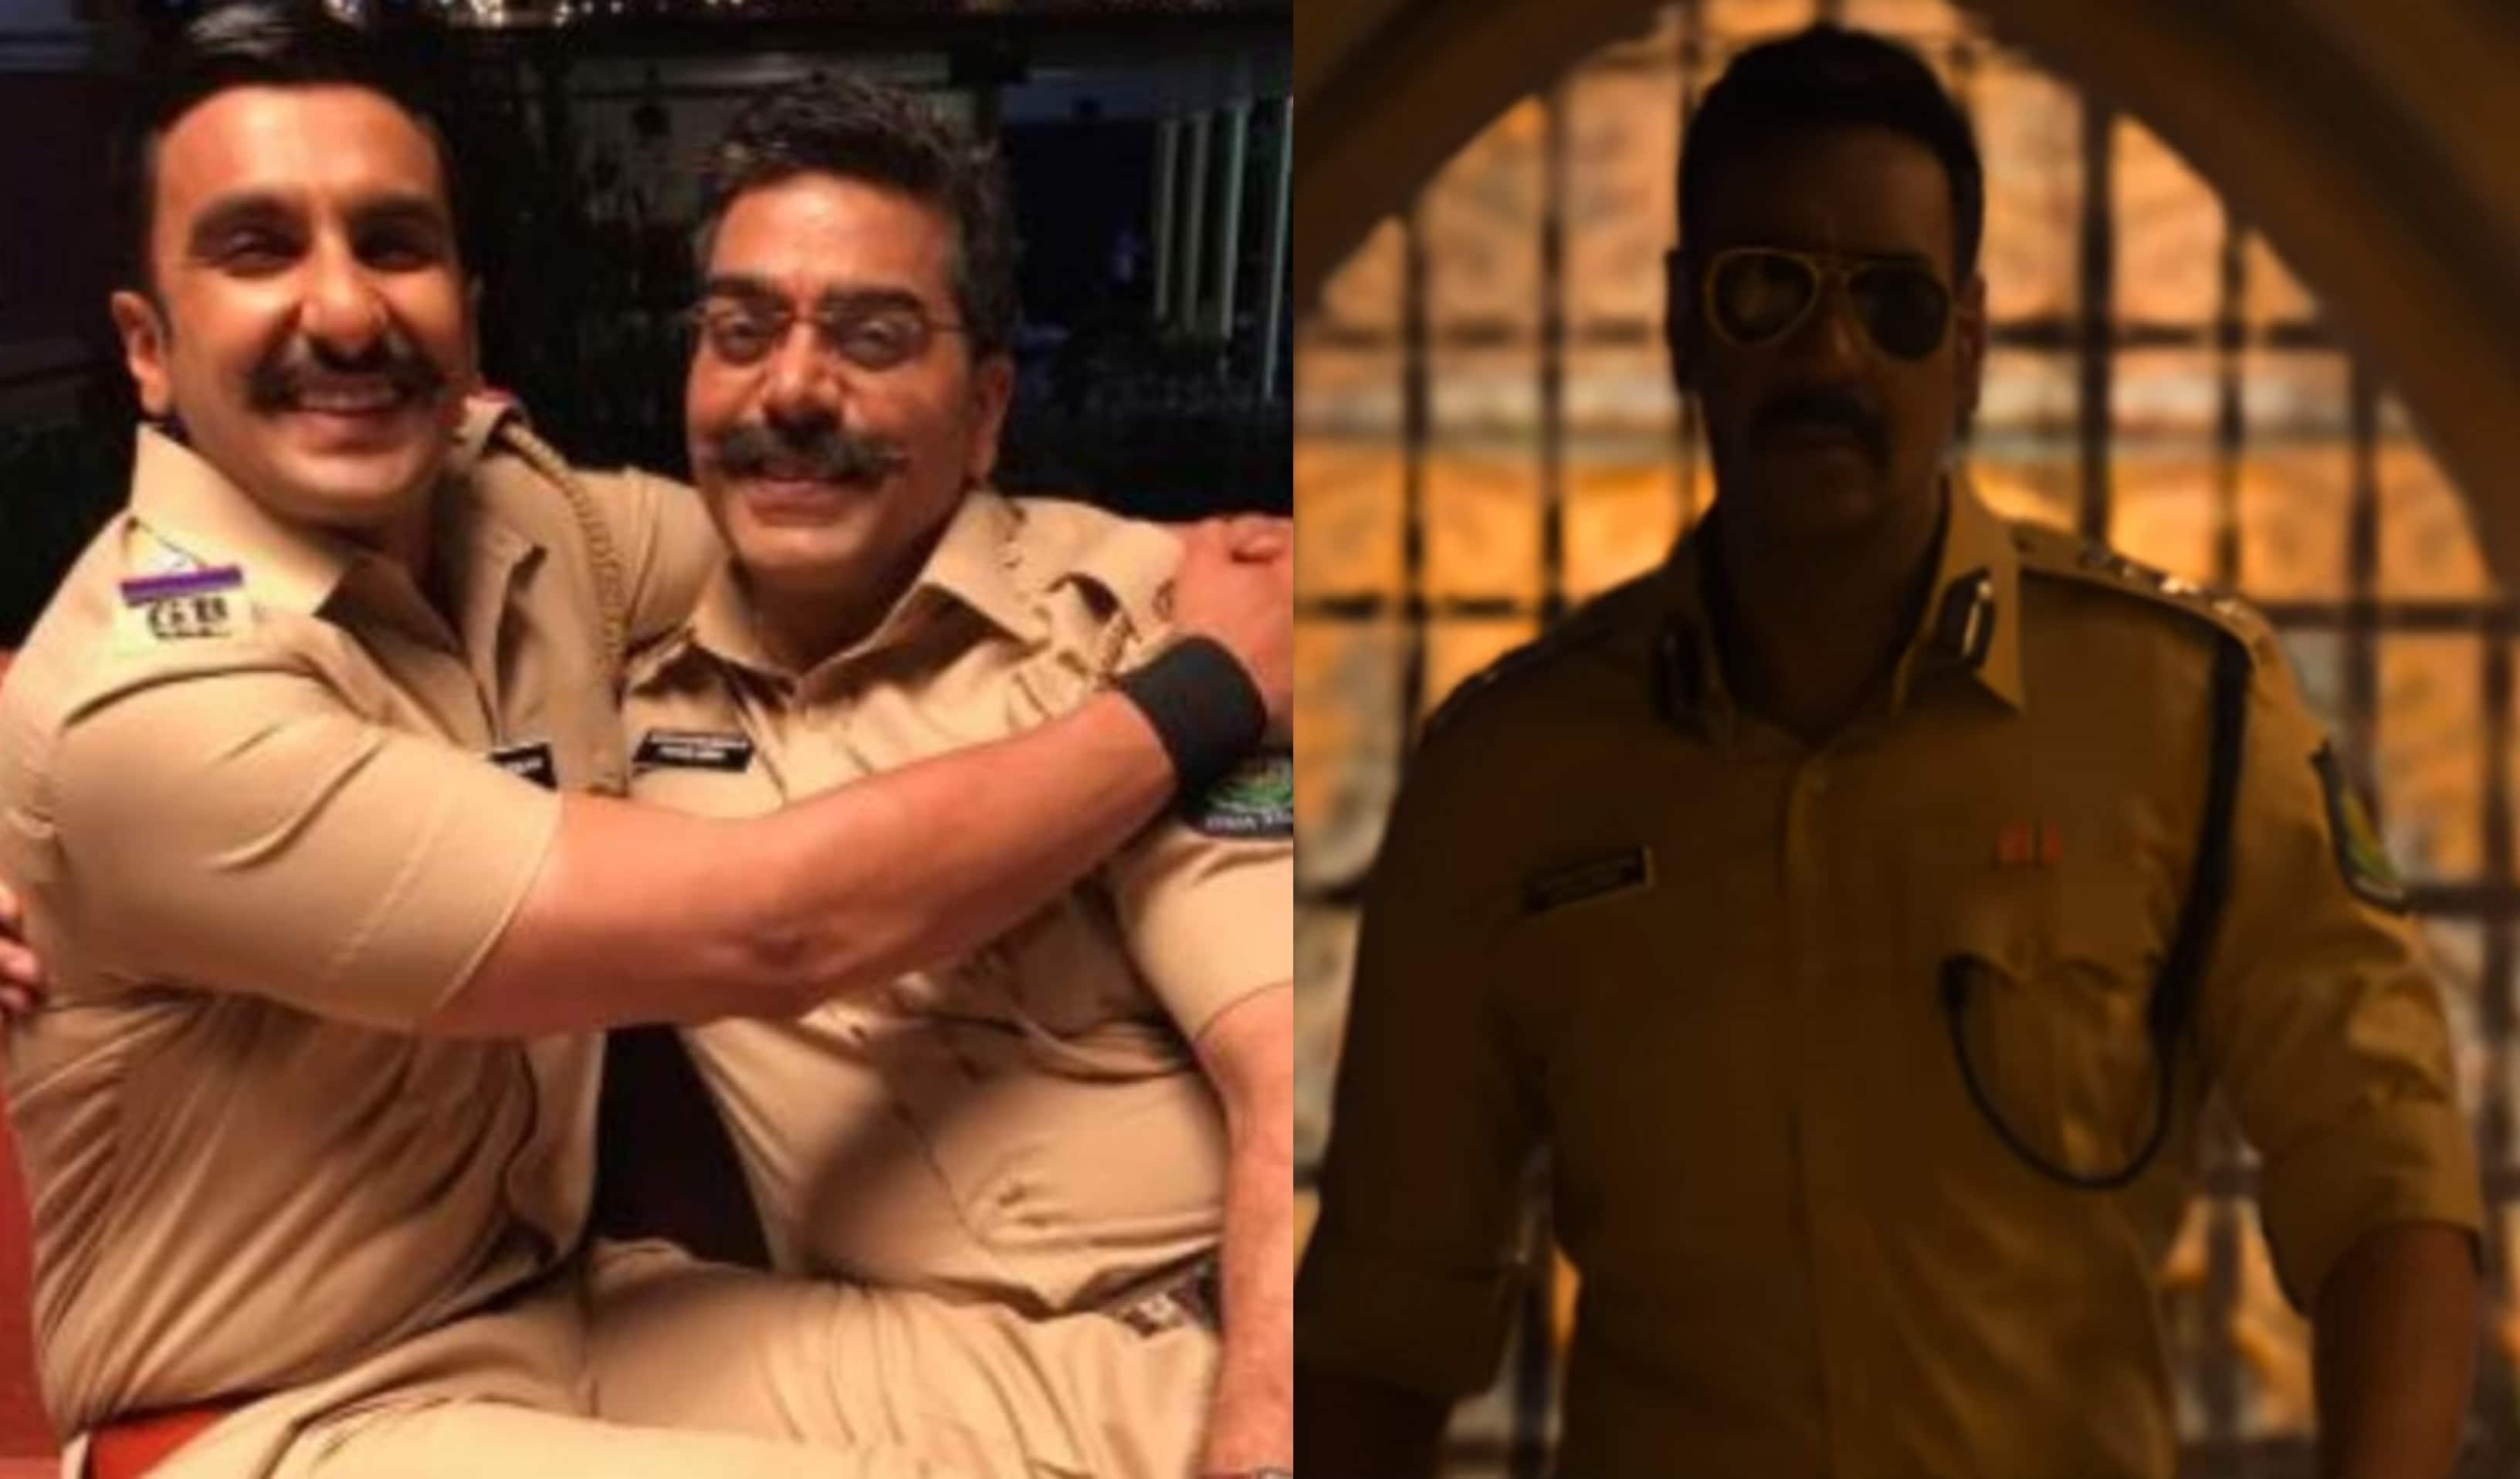 ये 5 बातें रणवीर सिंह की फिल्म 'सिम्बा' को बहुत तूफ़ानी बनाती हैं !